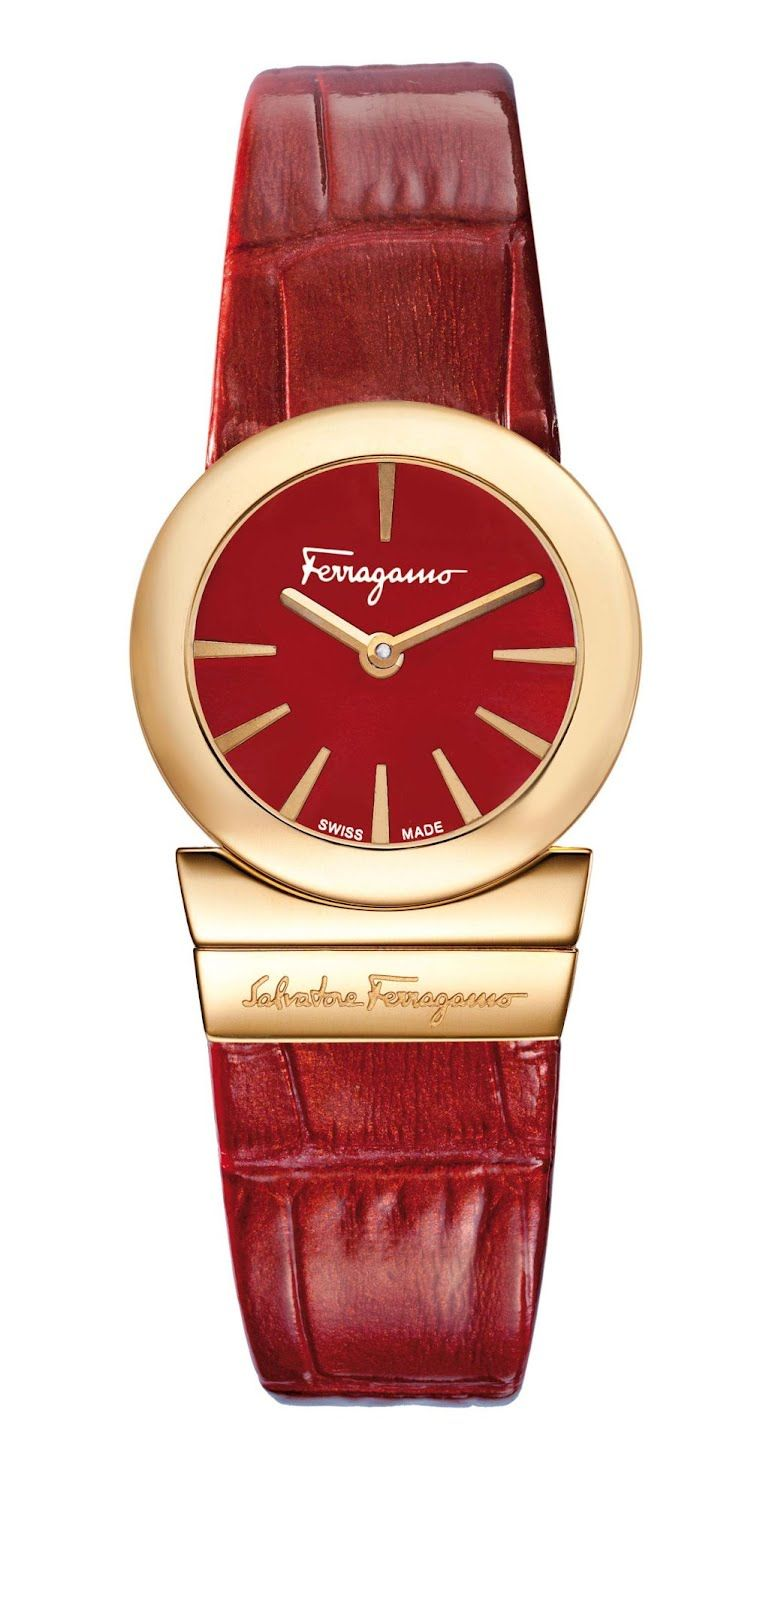 Salvatore Ferragamo Timepieces: GANCINO SOIRÉE